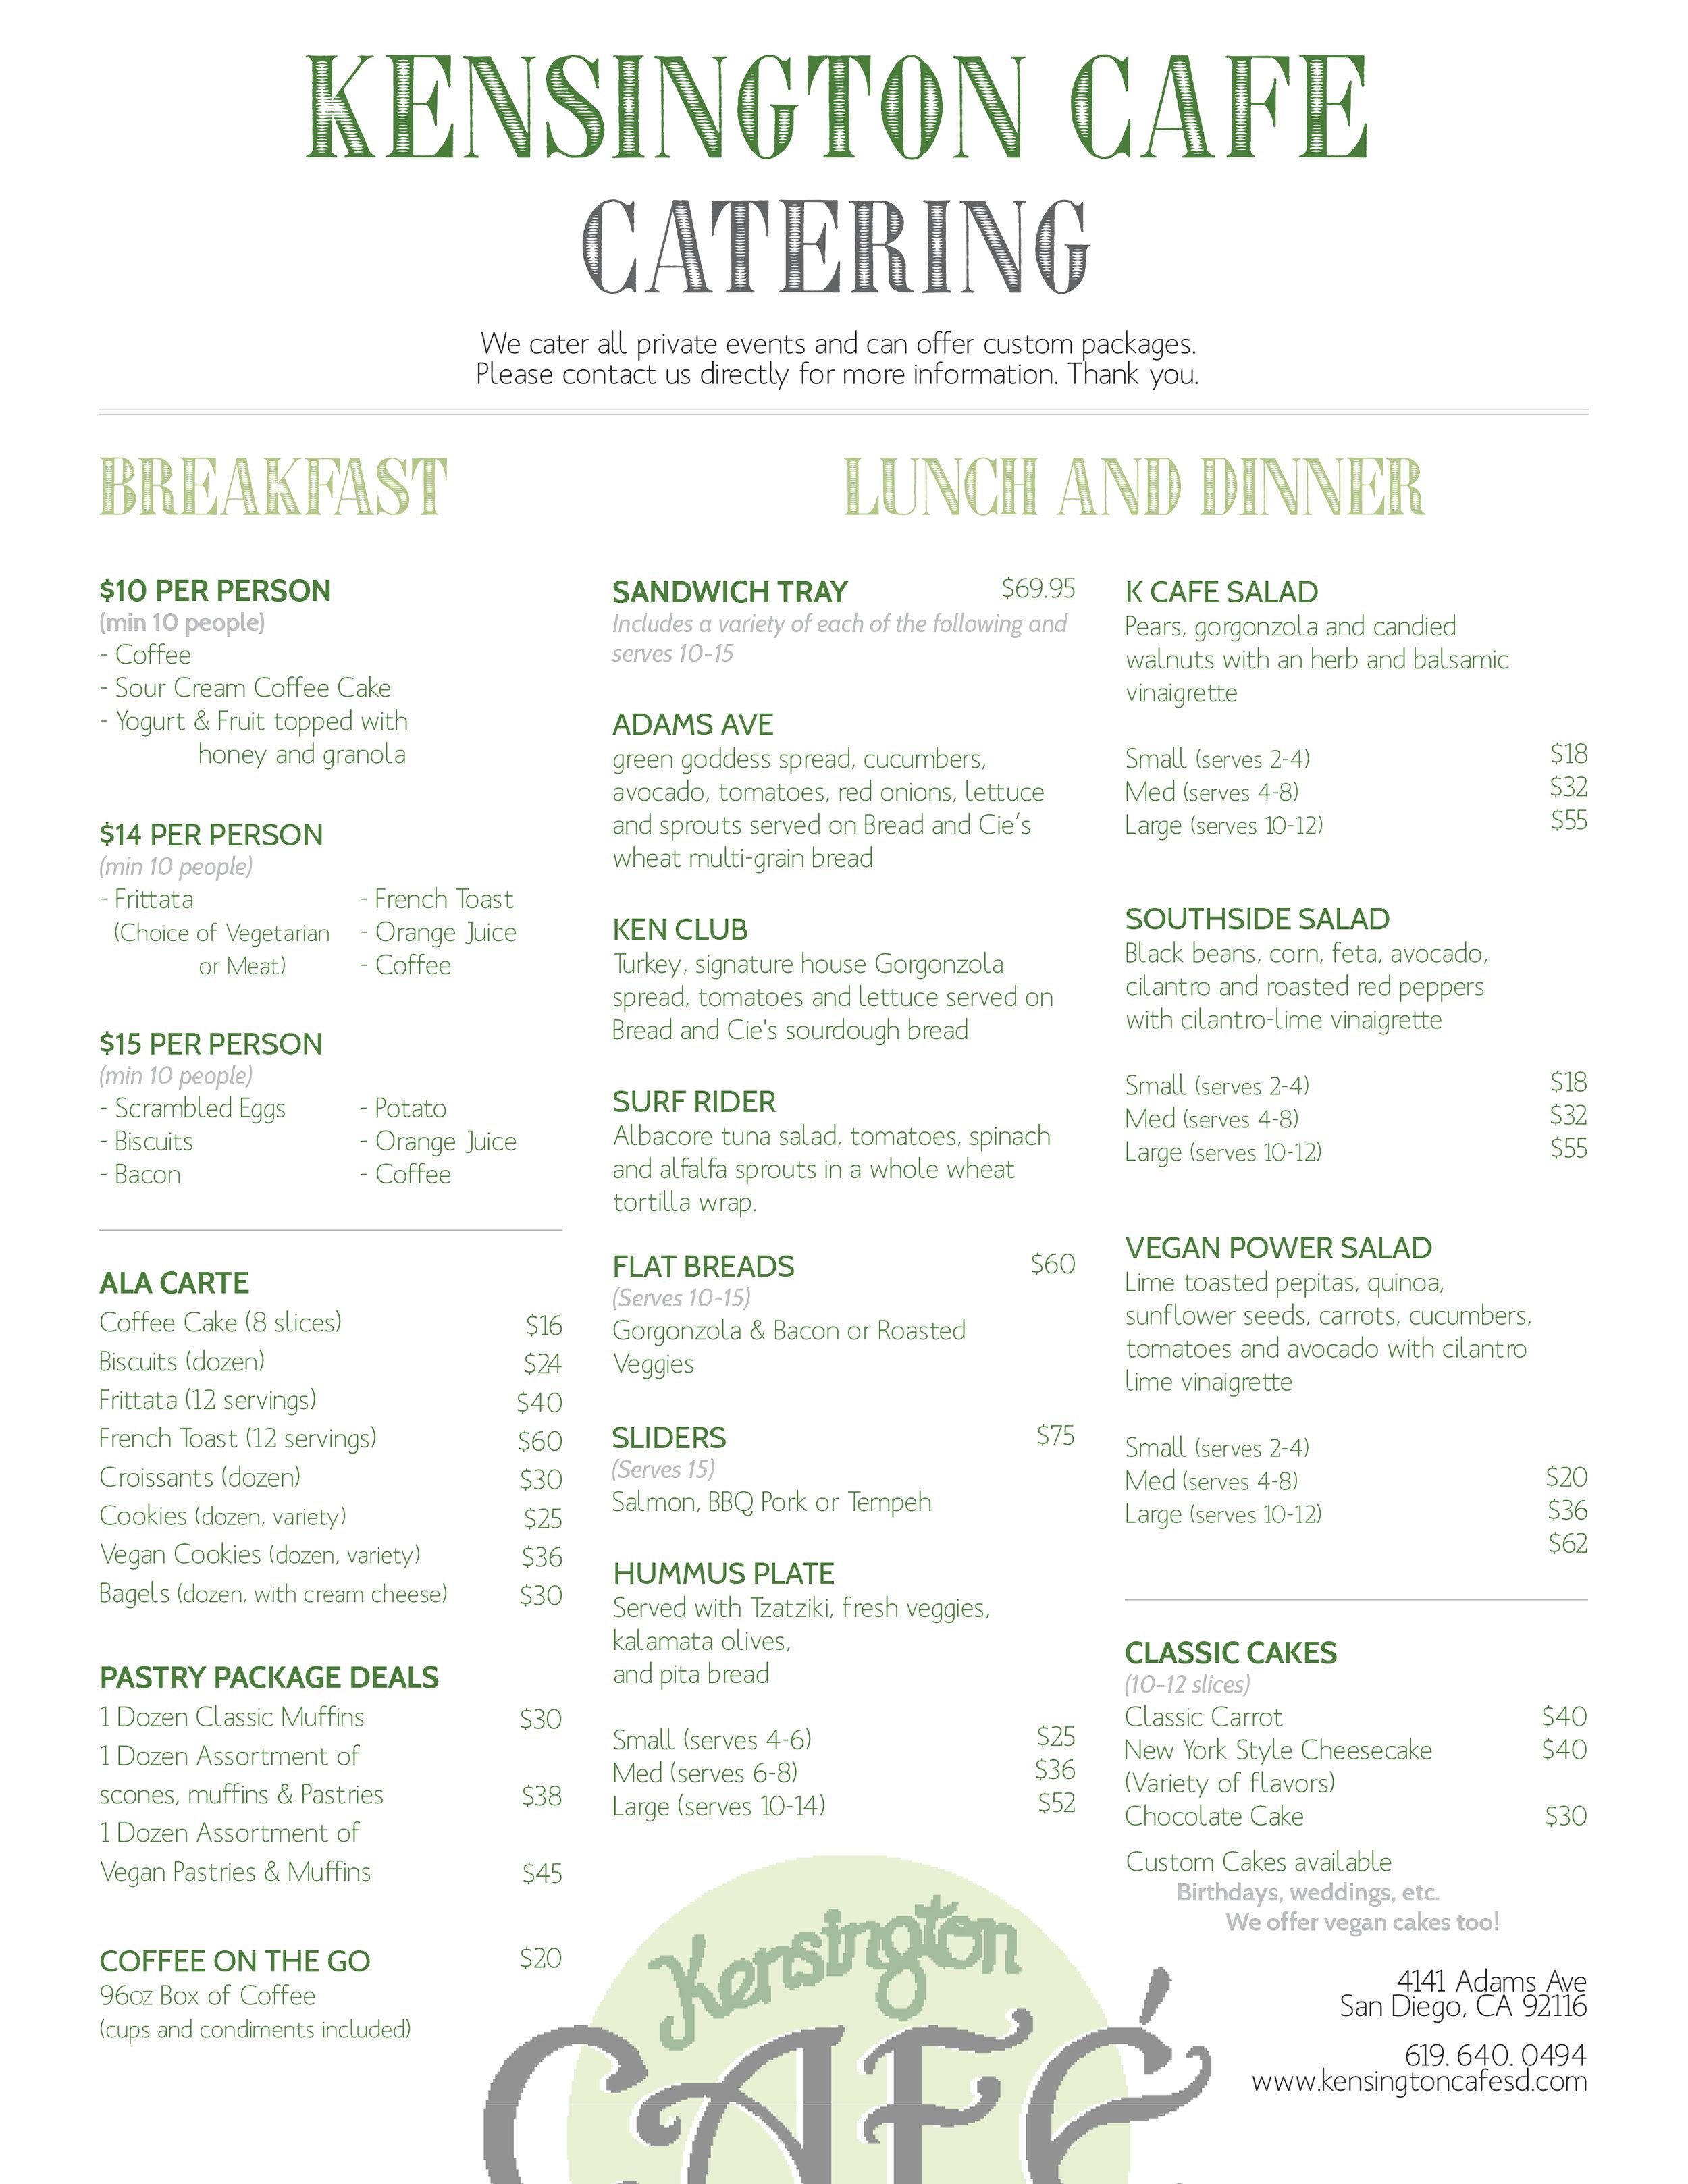 Kensington Cafe Catering Menu 2.0 (print) (1).jpg